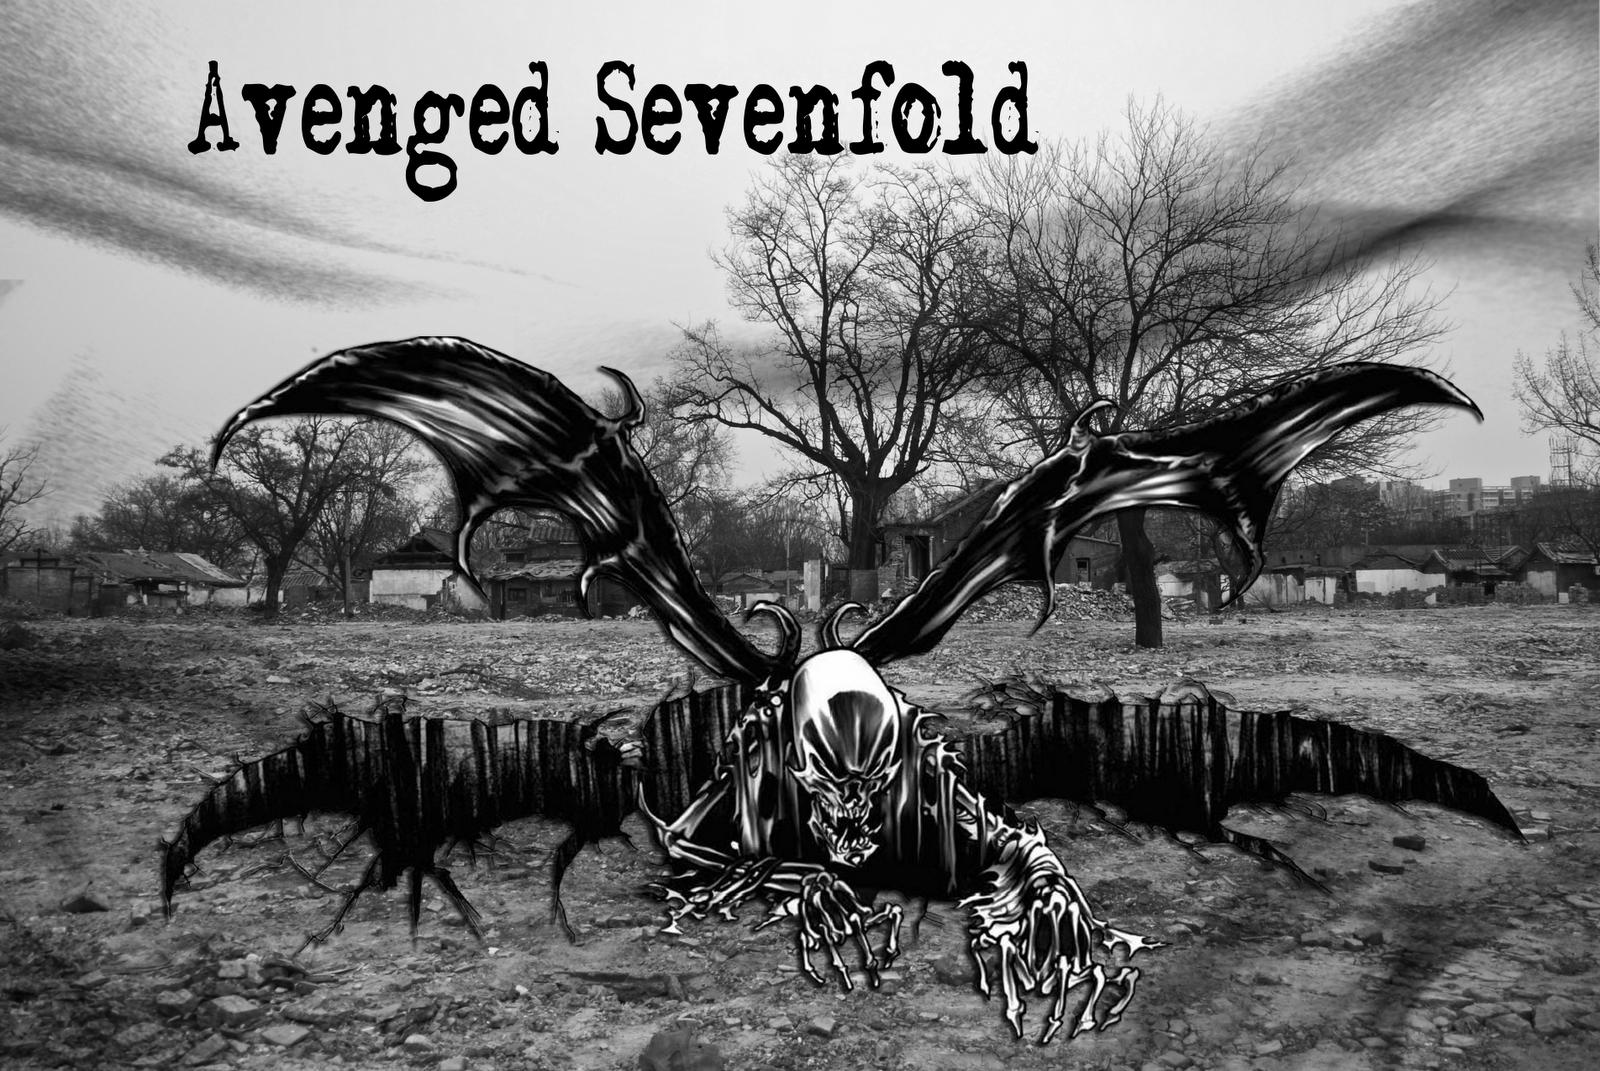 Avenged Sevenfold Death Bat By BUfFcRaCkItO 1600x1071 View 0 Tukang Flash Wallpaper